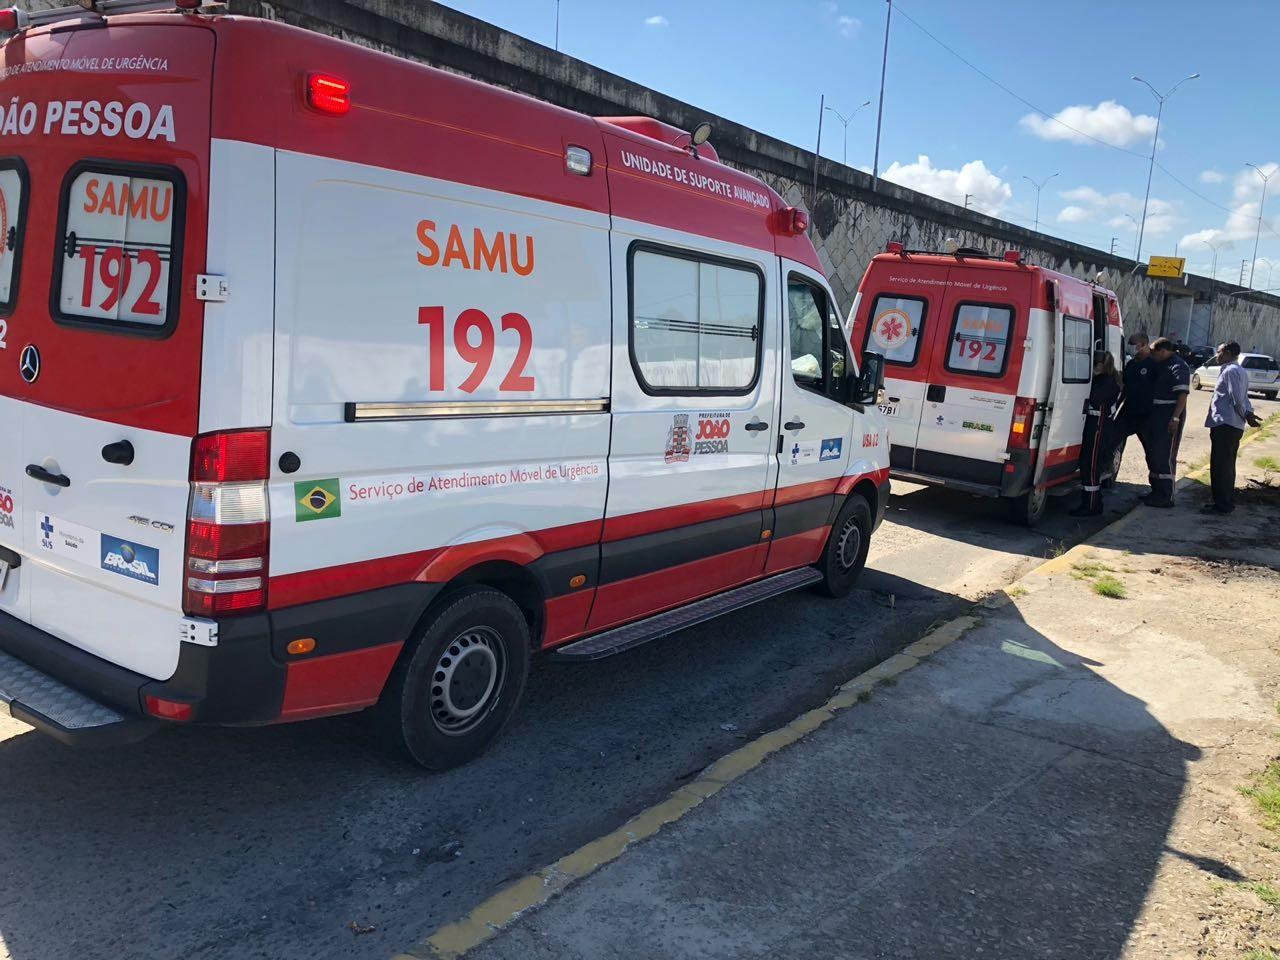 Homem é encontrado inconsciente e com sinais de espancamento, em Santa Rita, PB